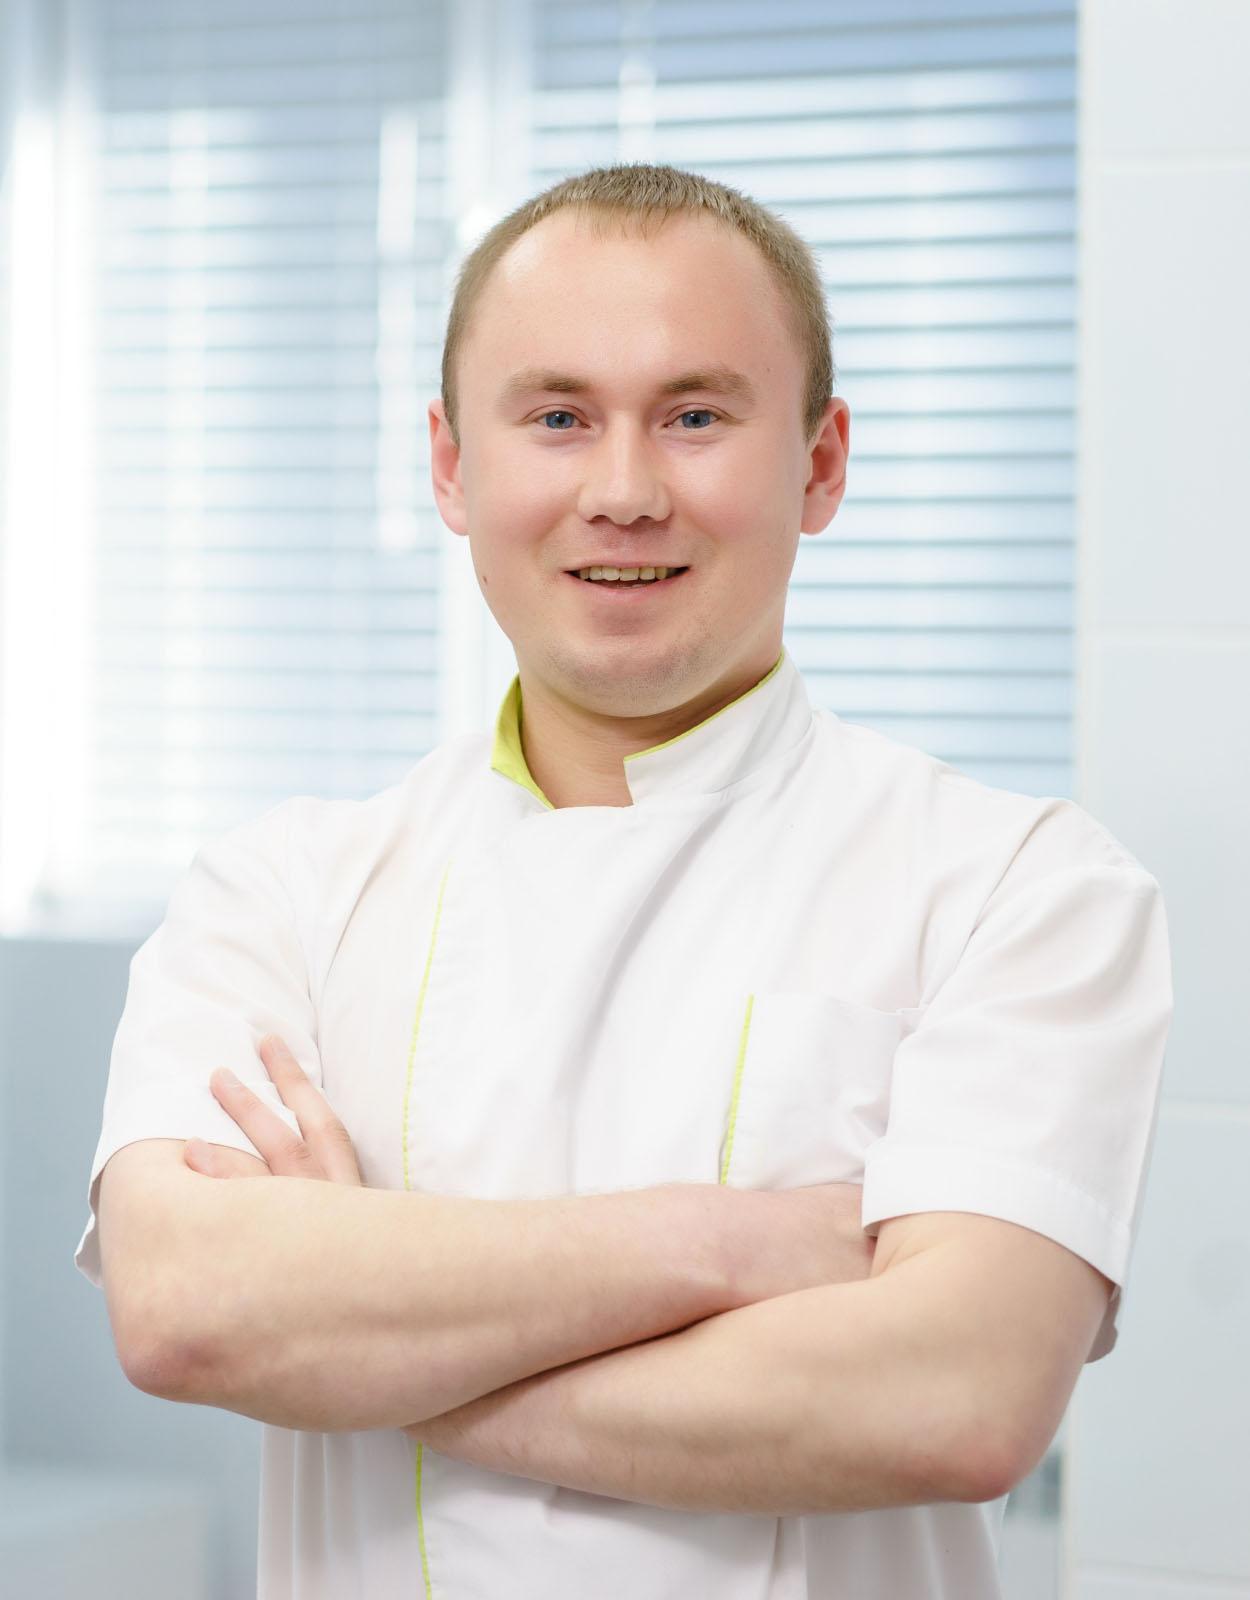 Чумаков Сергей Александрович : Врач-стоматолог-терапевт,врач-стоматолог-ортопед - стаж более 7 лет